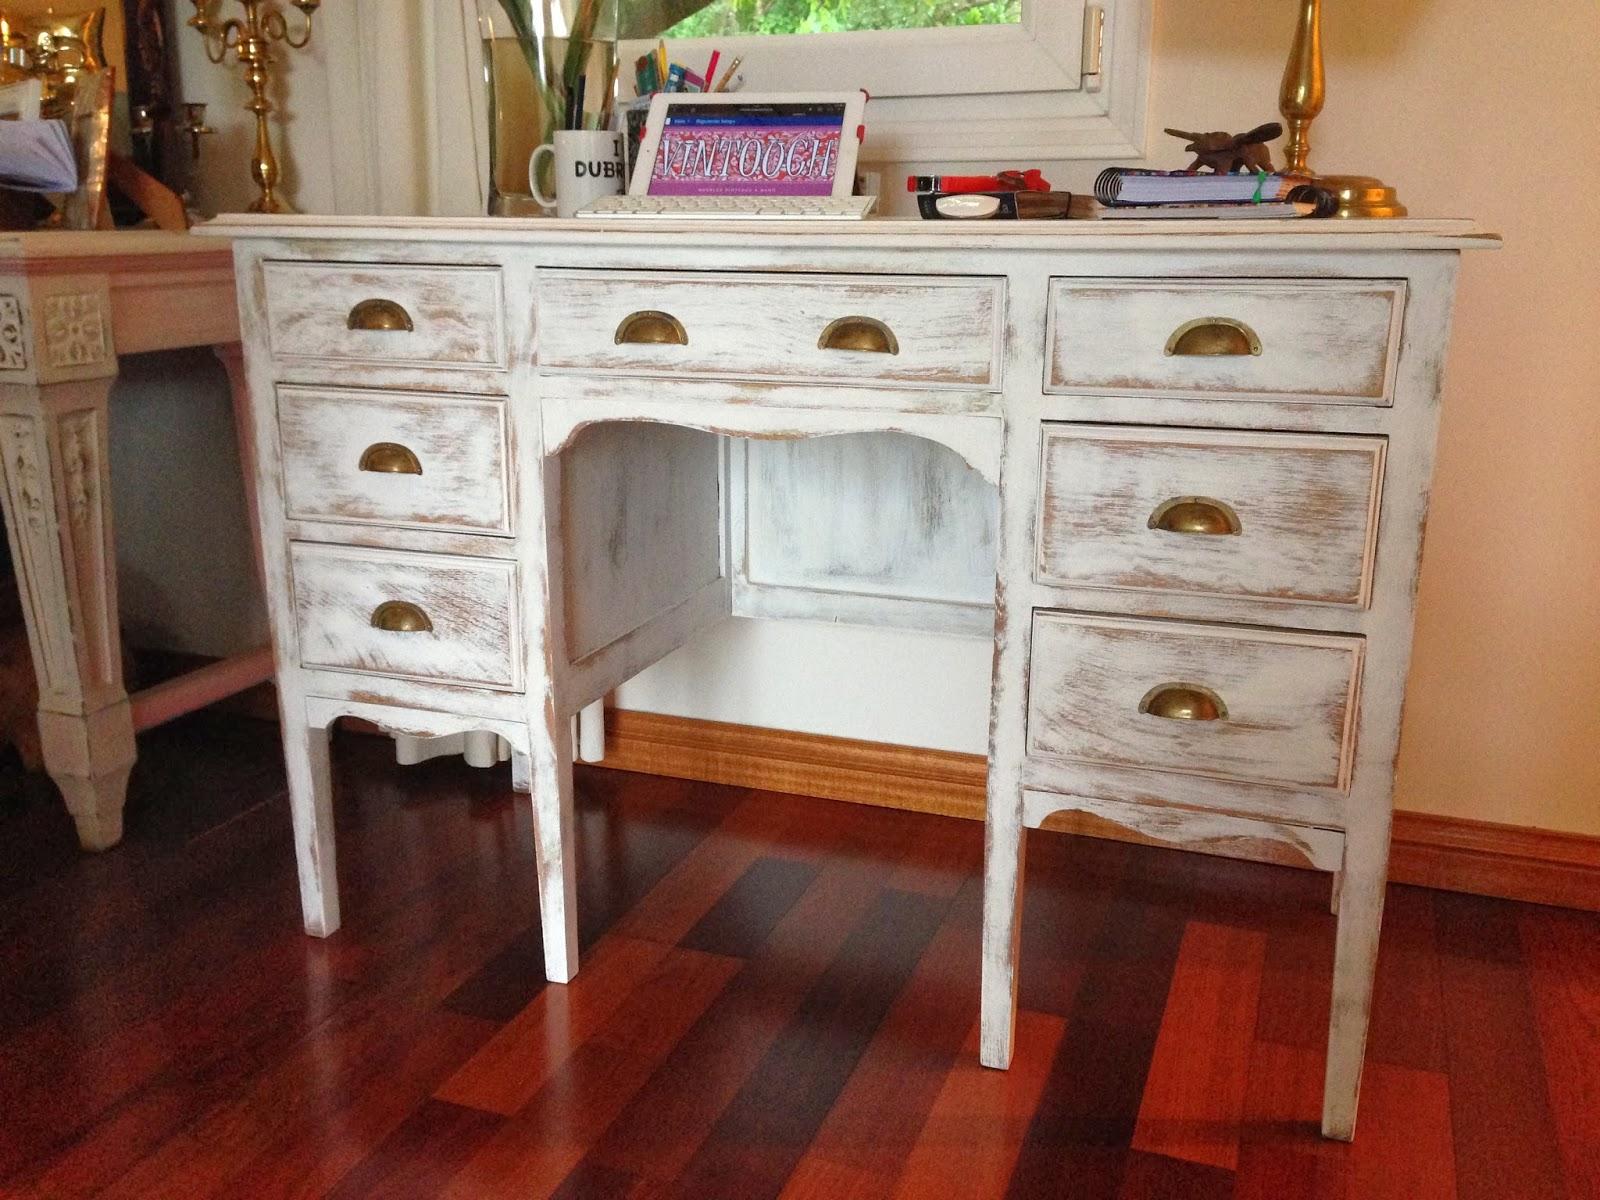 Vintouch muebles reciclados pintados a mano - Muebles en blanco ...